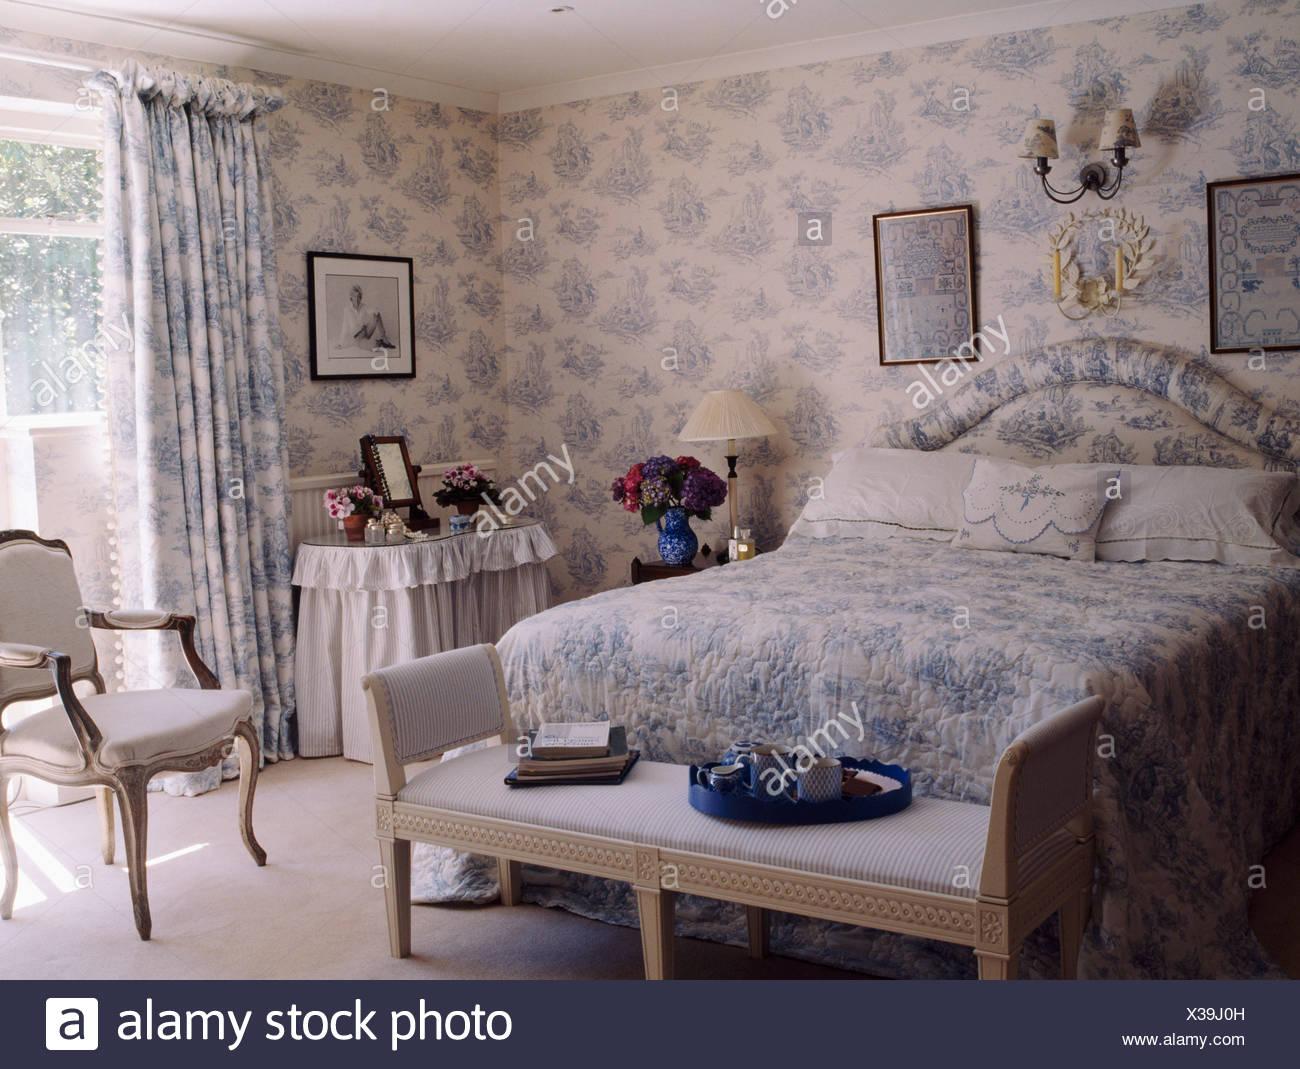 Blau Weiß Toile De Jouy Tapete Mit Passenden Vorhänge Und